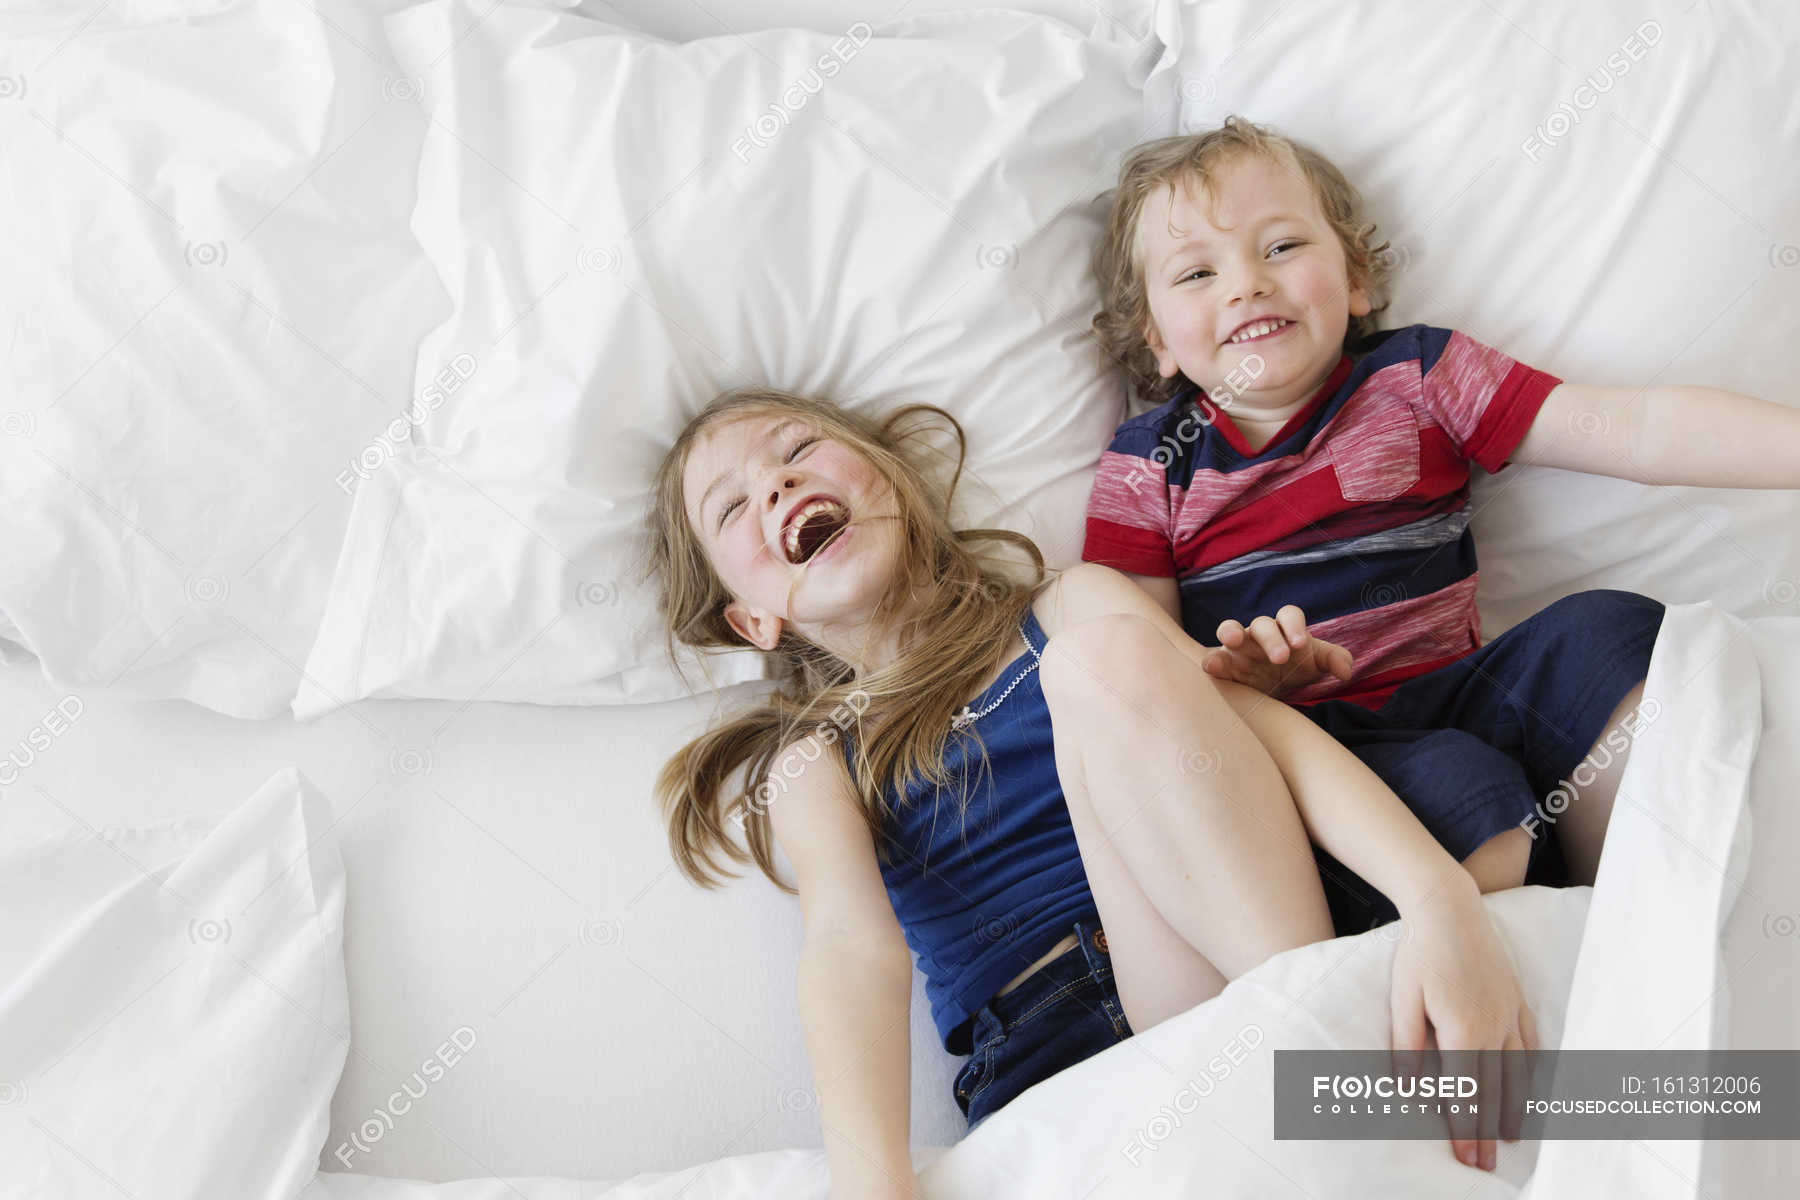 Смотреть онлайн сестра сосет хуй у брата, Сестра спалила брата смотреть онлайн в корошем 22 фотография